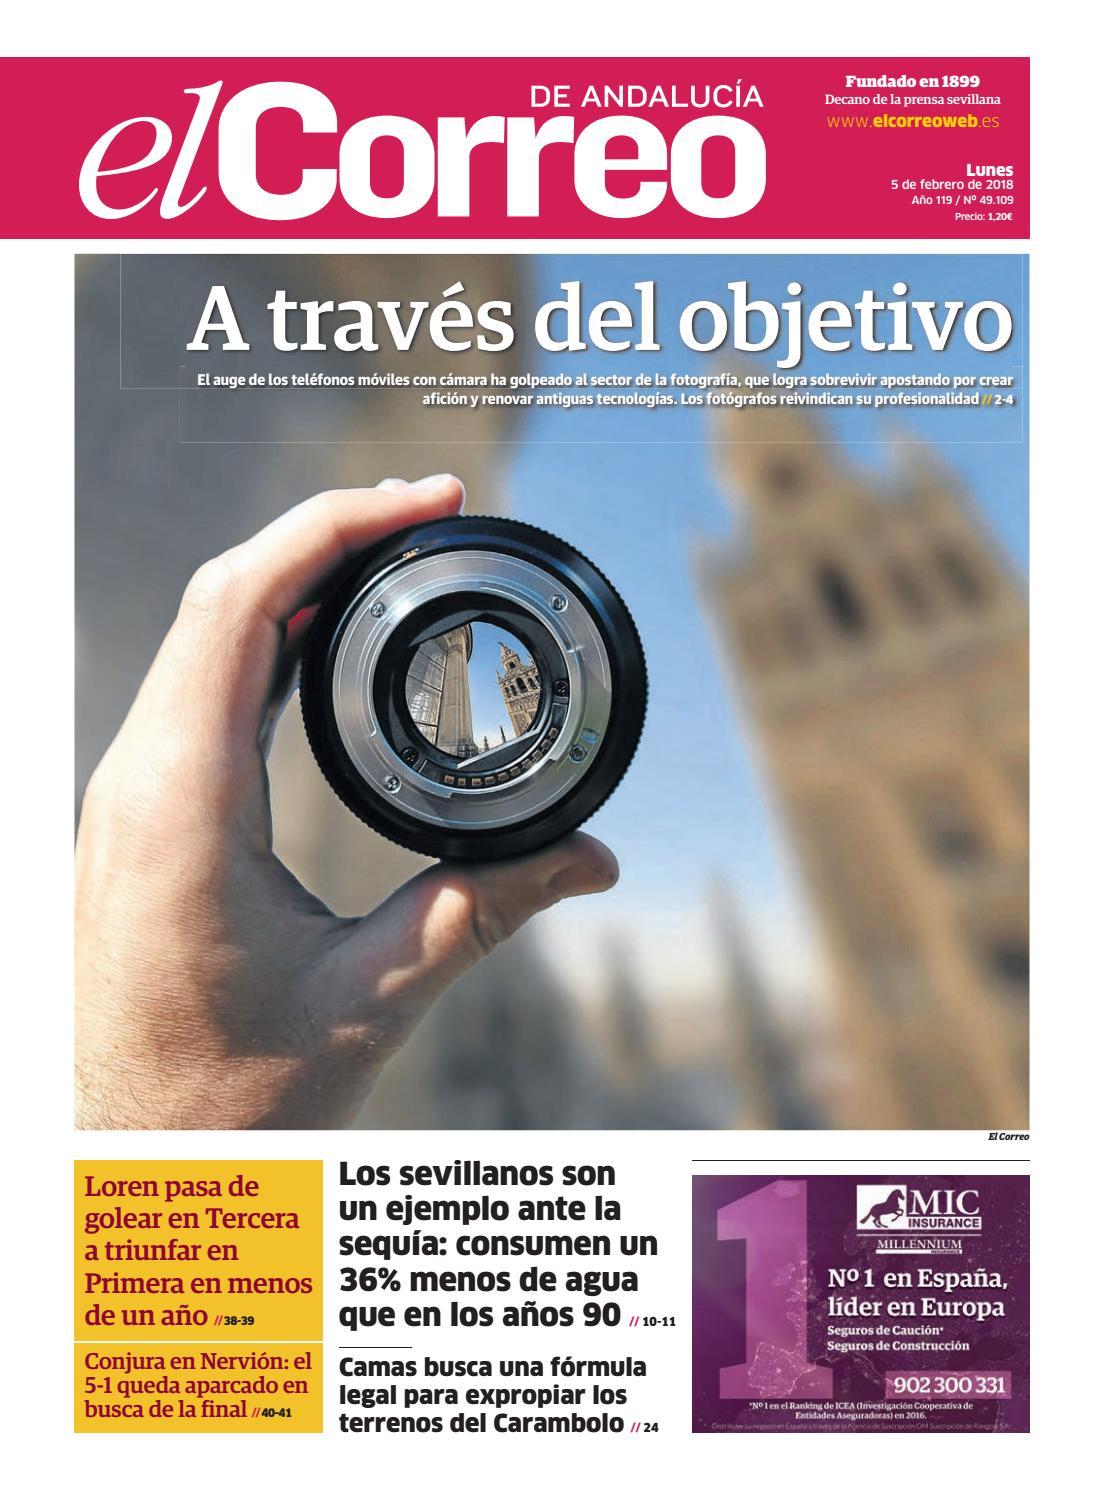 05.02.2018 El Correo de Andalucía by EL CORREO DE ANDALUCÍA S.L. - issuu